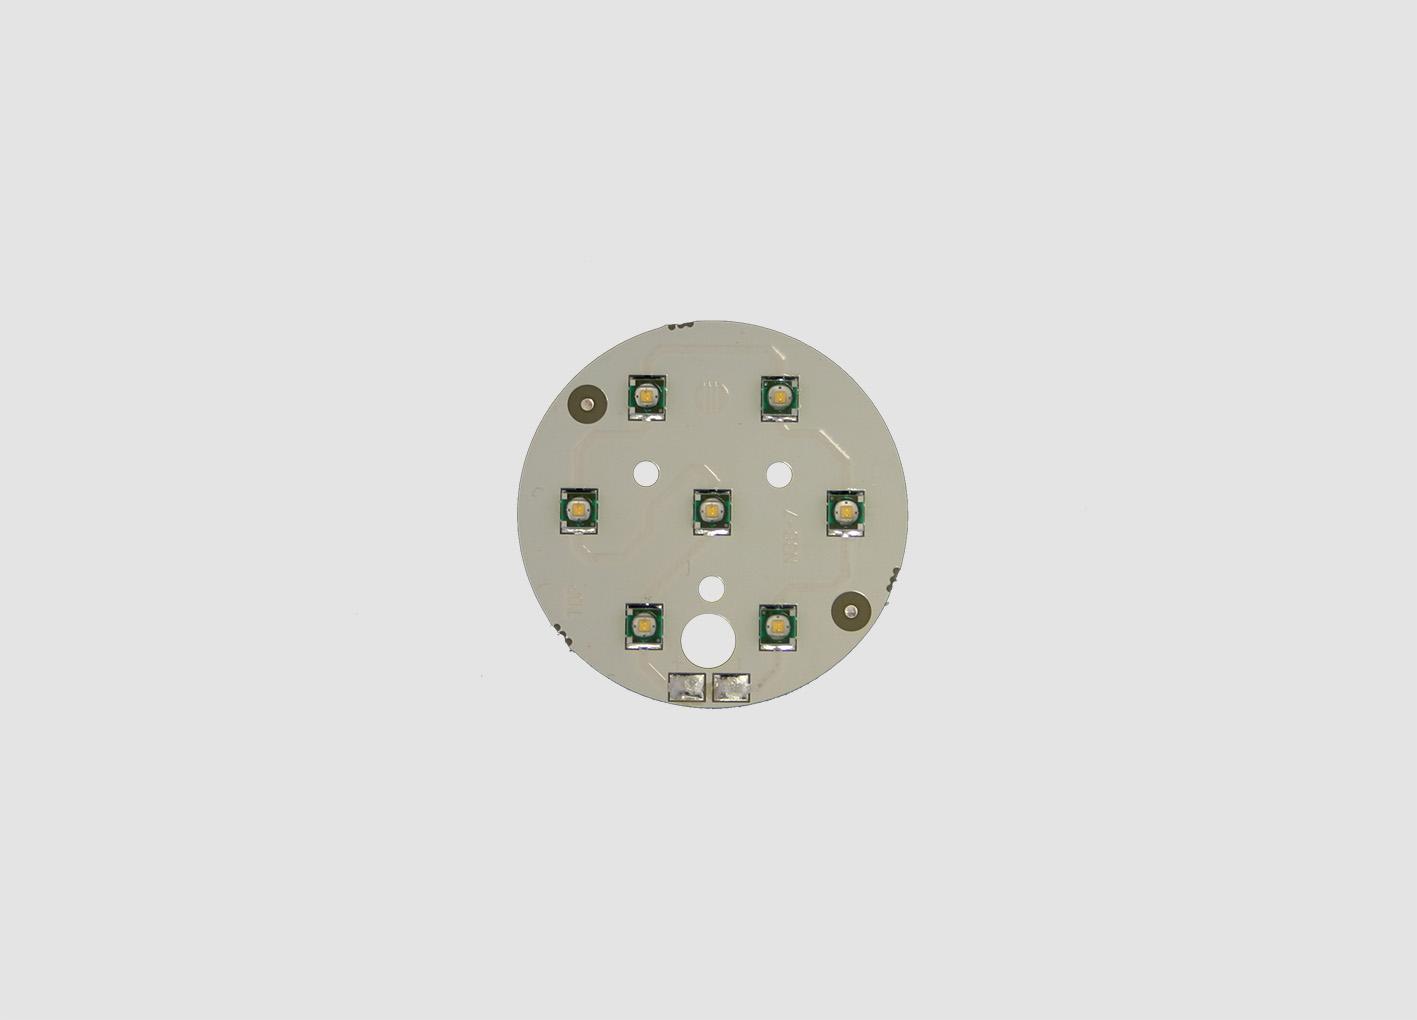 PCB LED N38-7